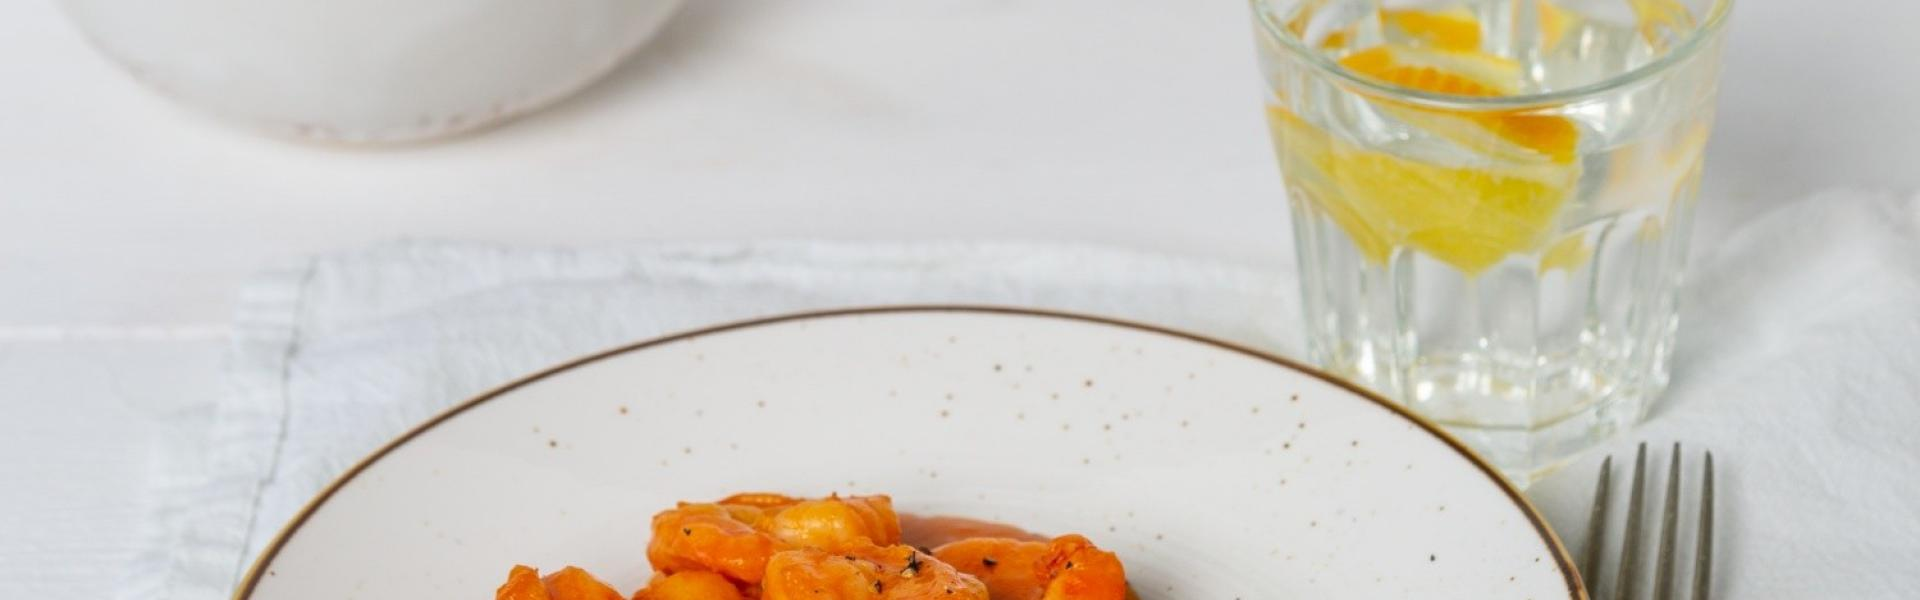 Garnelencurry auf einem Teller angerichtet.